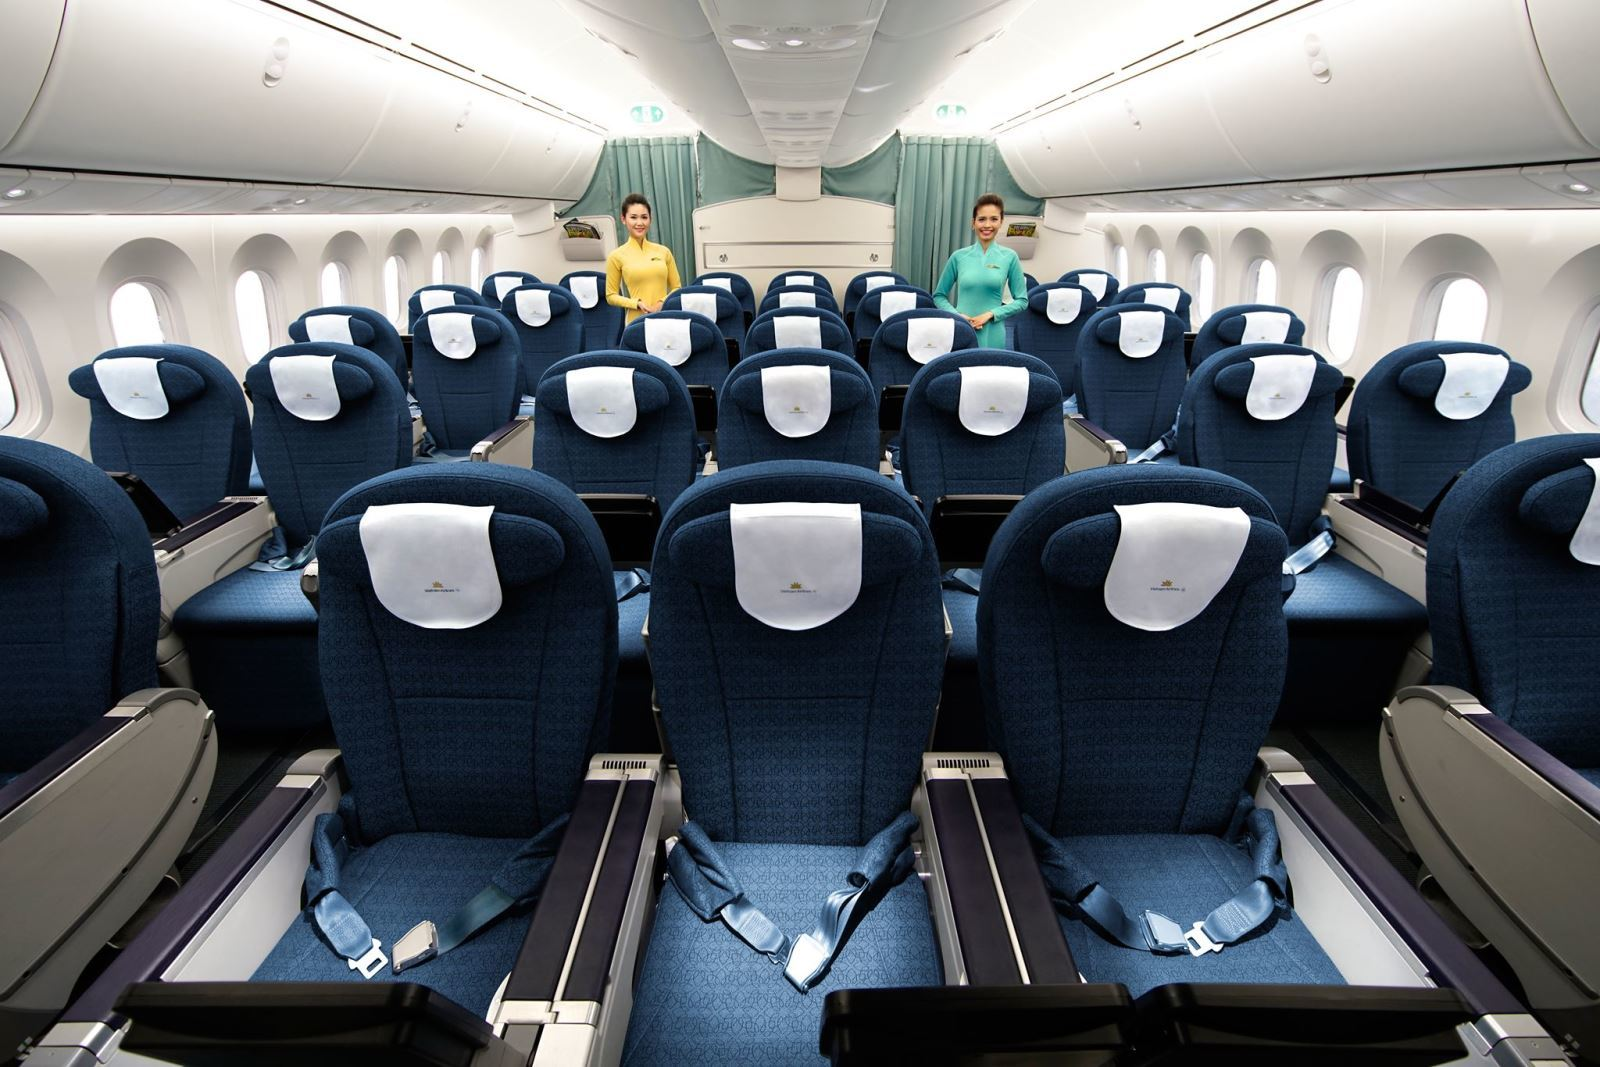 Vé máy bay Tết qua mức giá và hạng ghế: Chọn sao cho đúng nhu cầu?